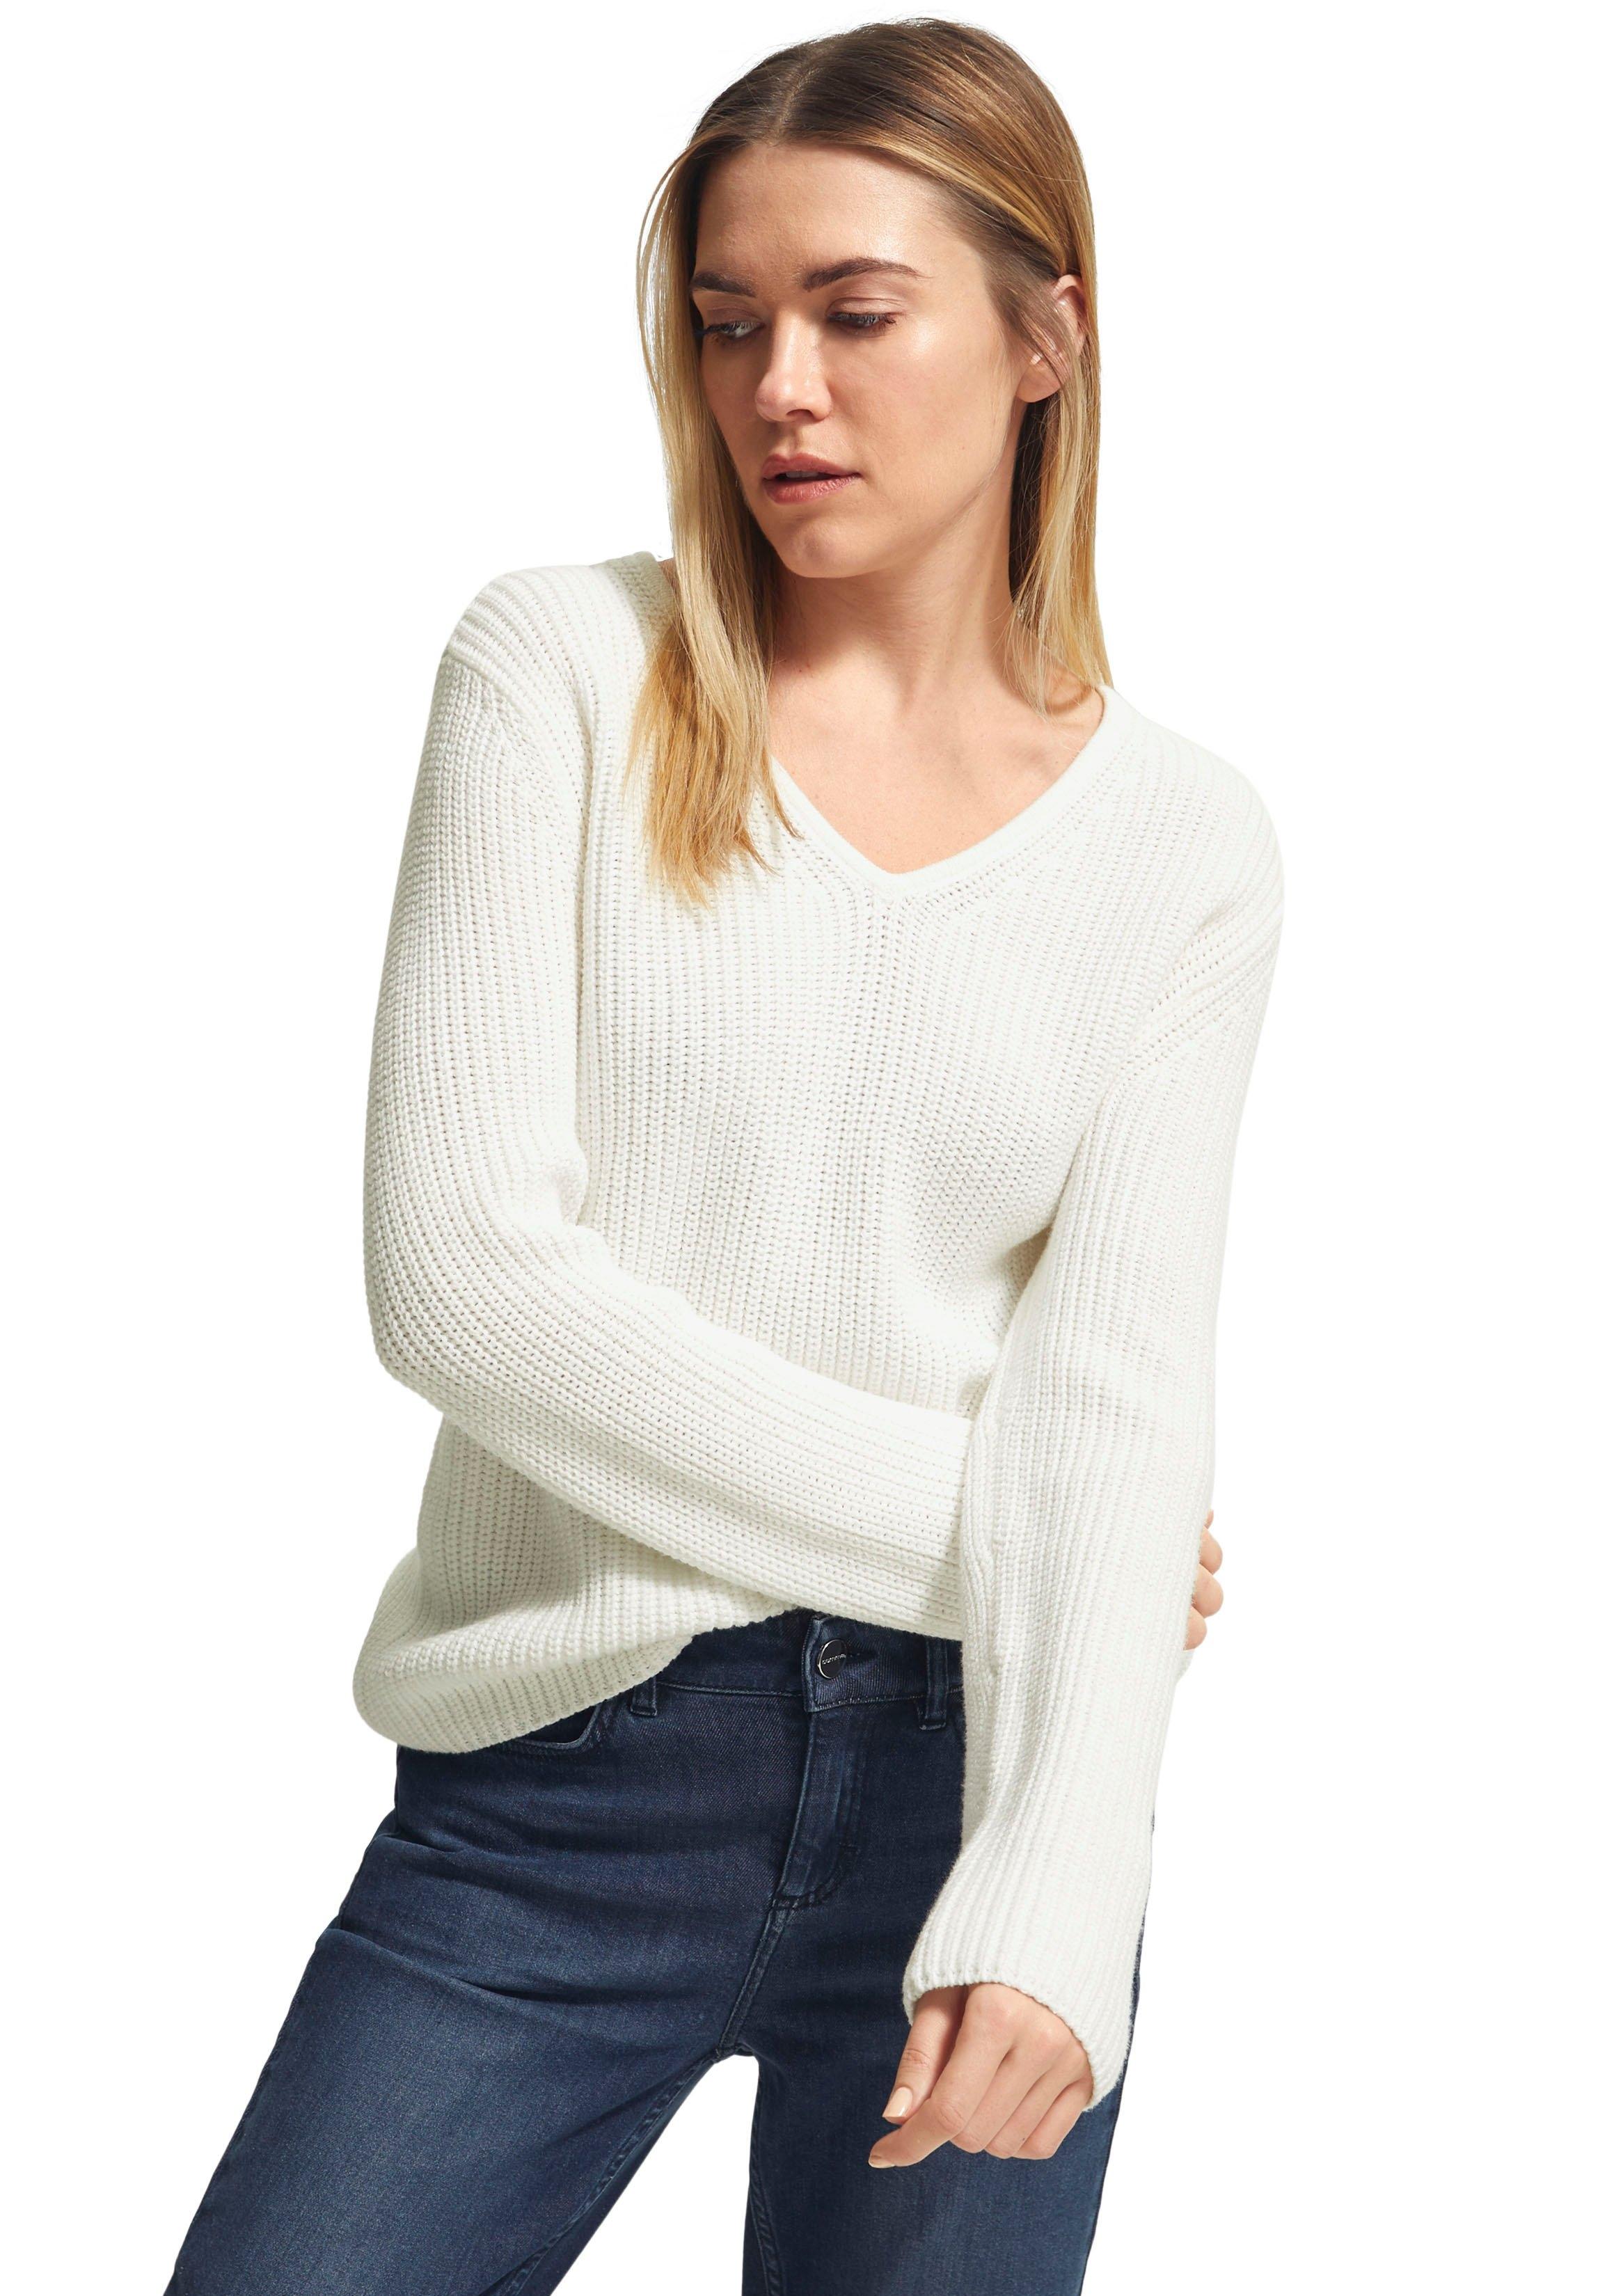 Comma gebreide trui van katoen met v-hals bij OTTO online kopen